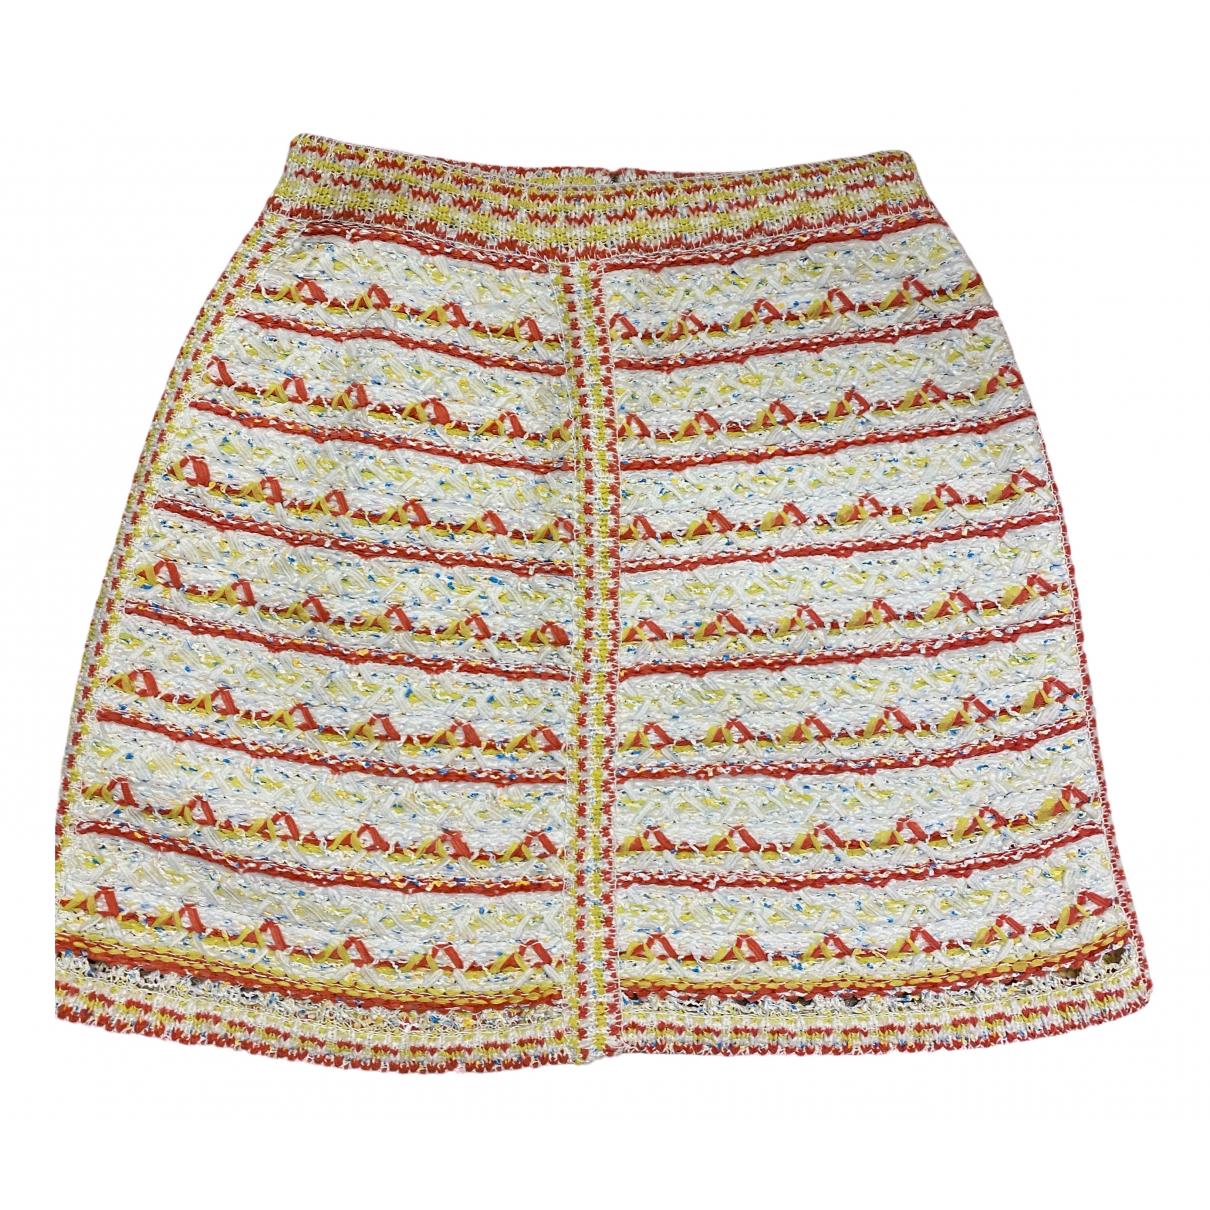 Chanel - Jupe   pour femme en coton - elasthane - multicolore